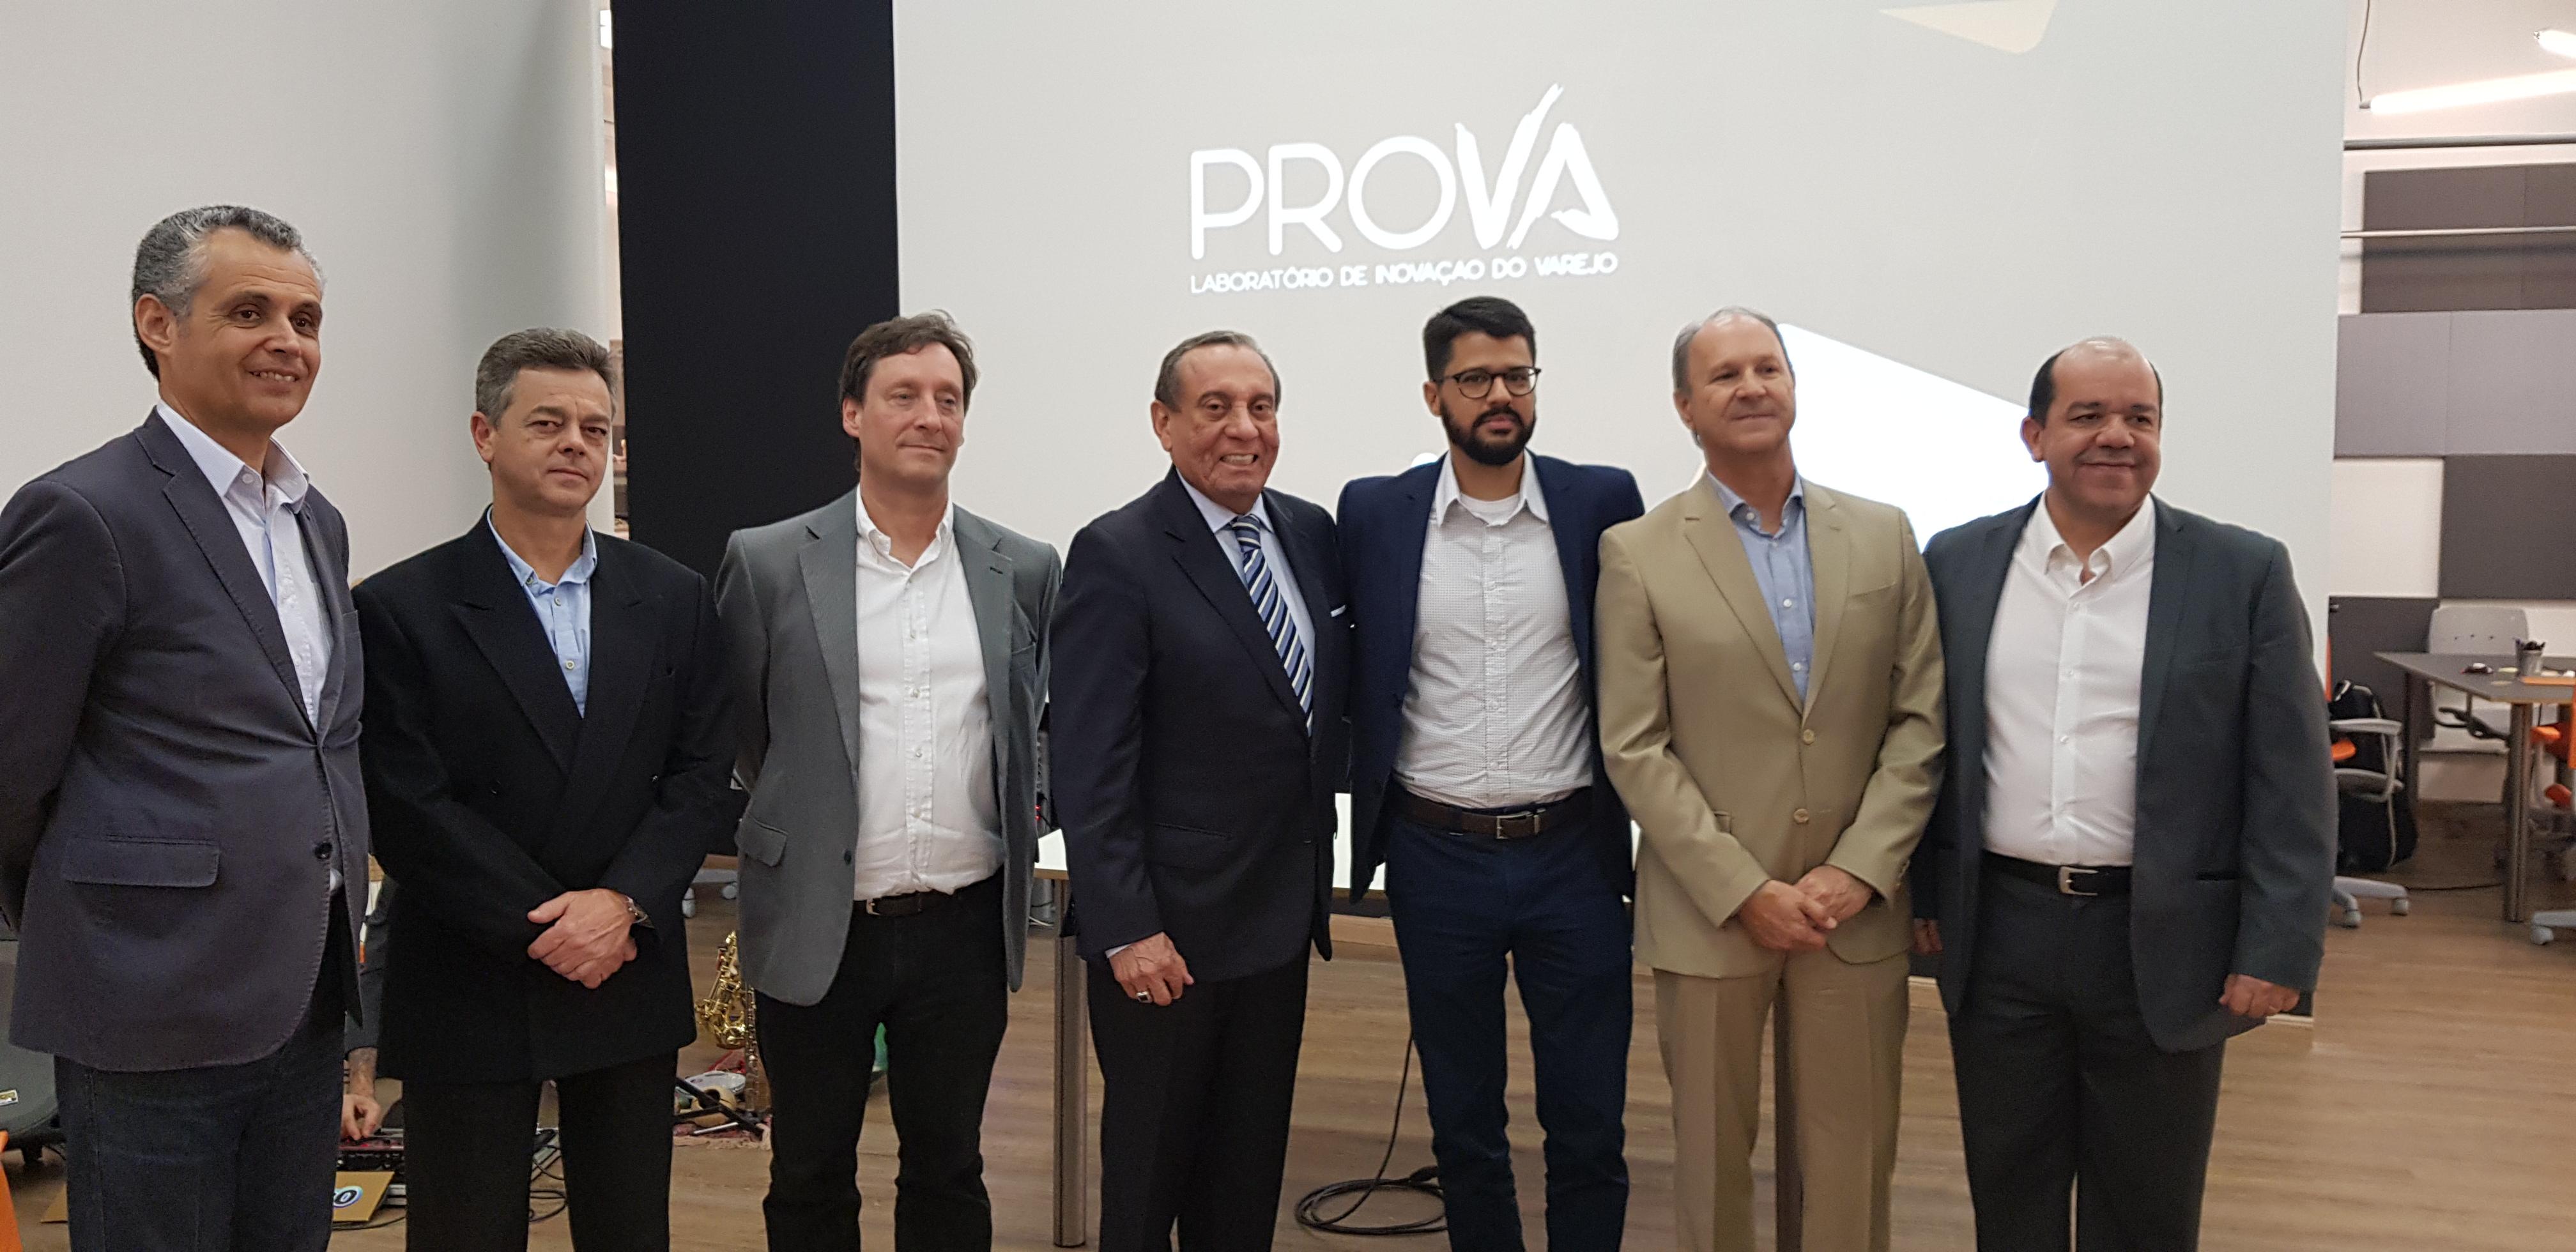 Abióptica firma parceria com o ProVA e incentiva inovação no varejo óptico 24481e8bf2